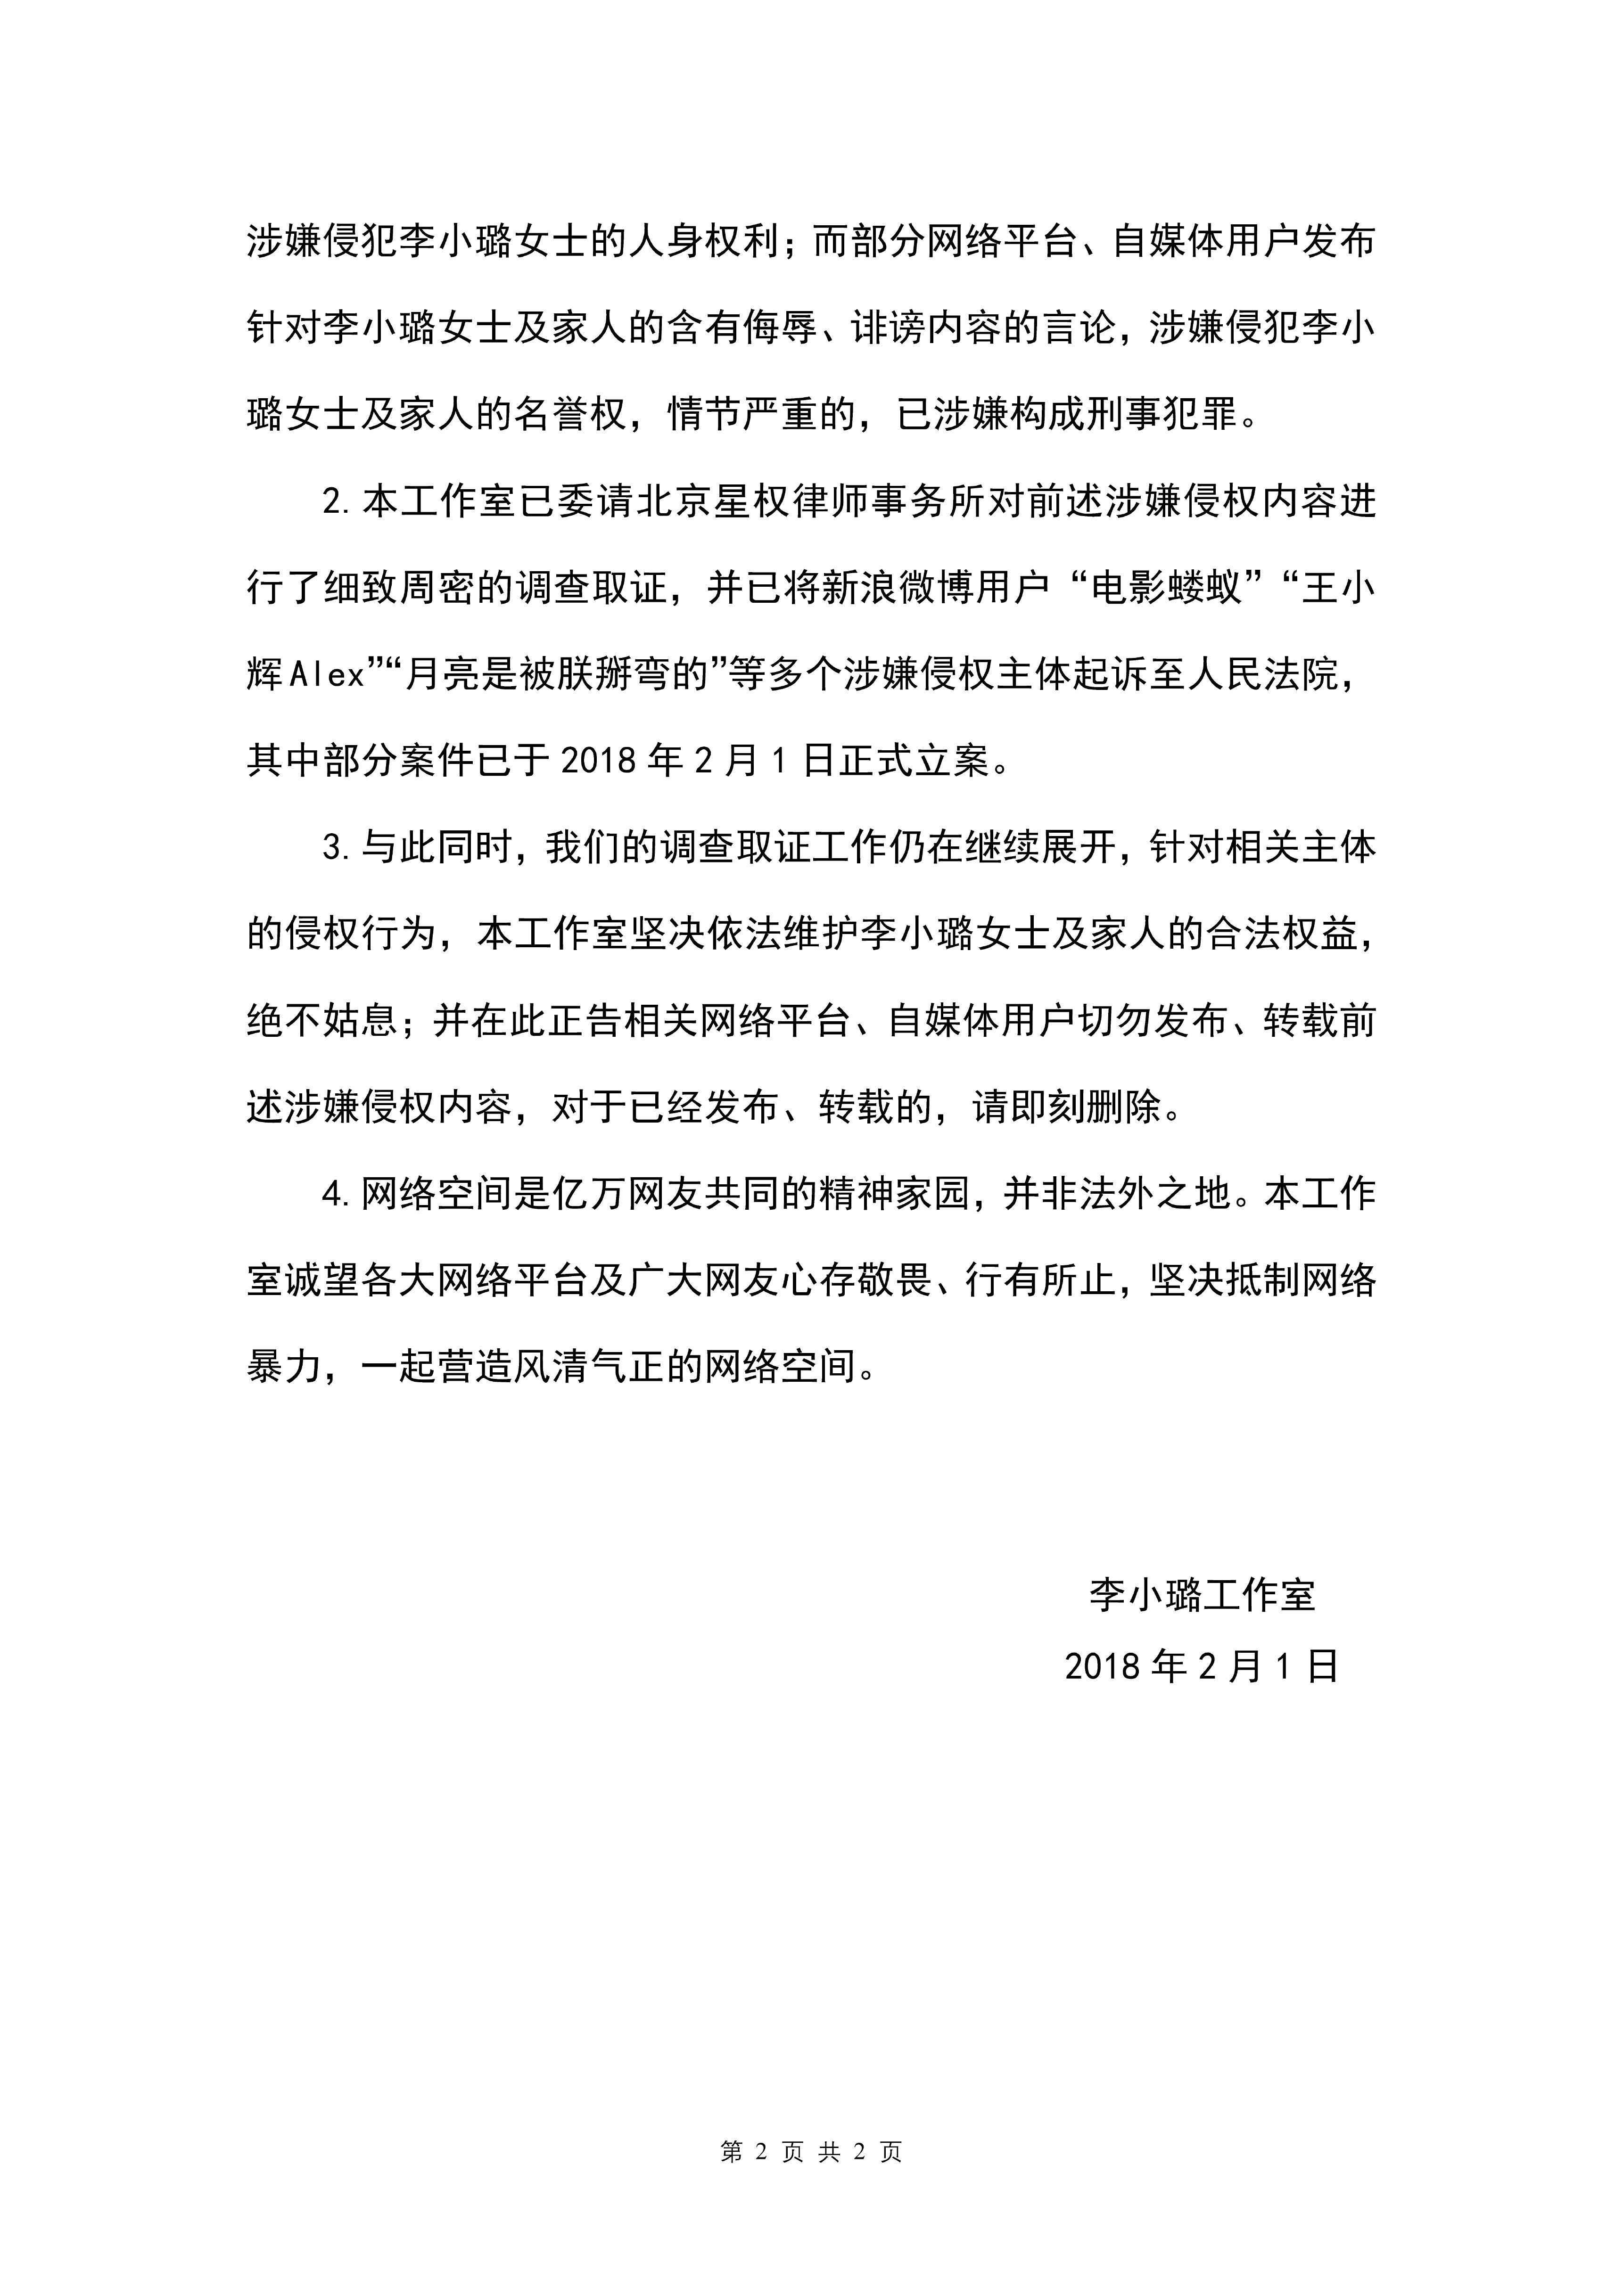 夜宿风波后 李小璐工作室发声明: 将依法维权